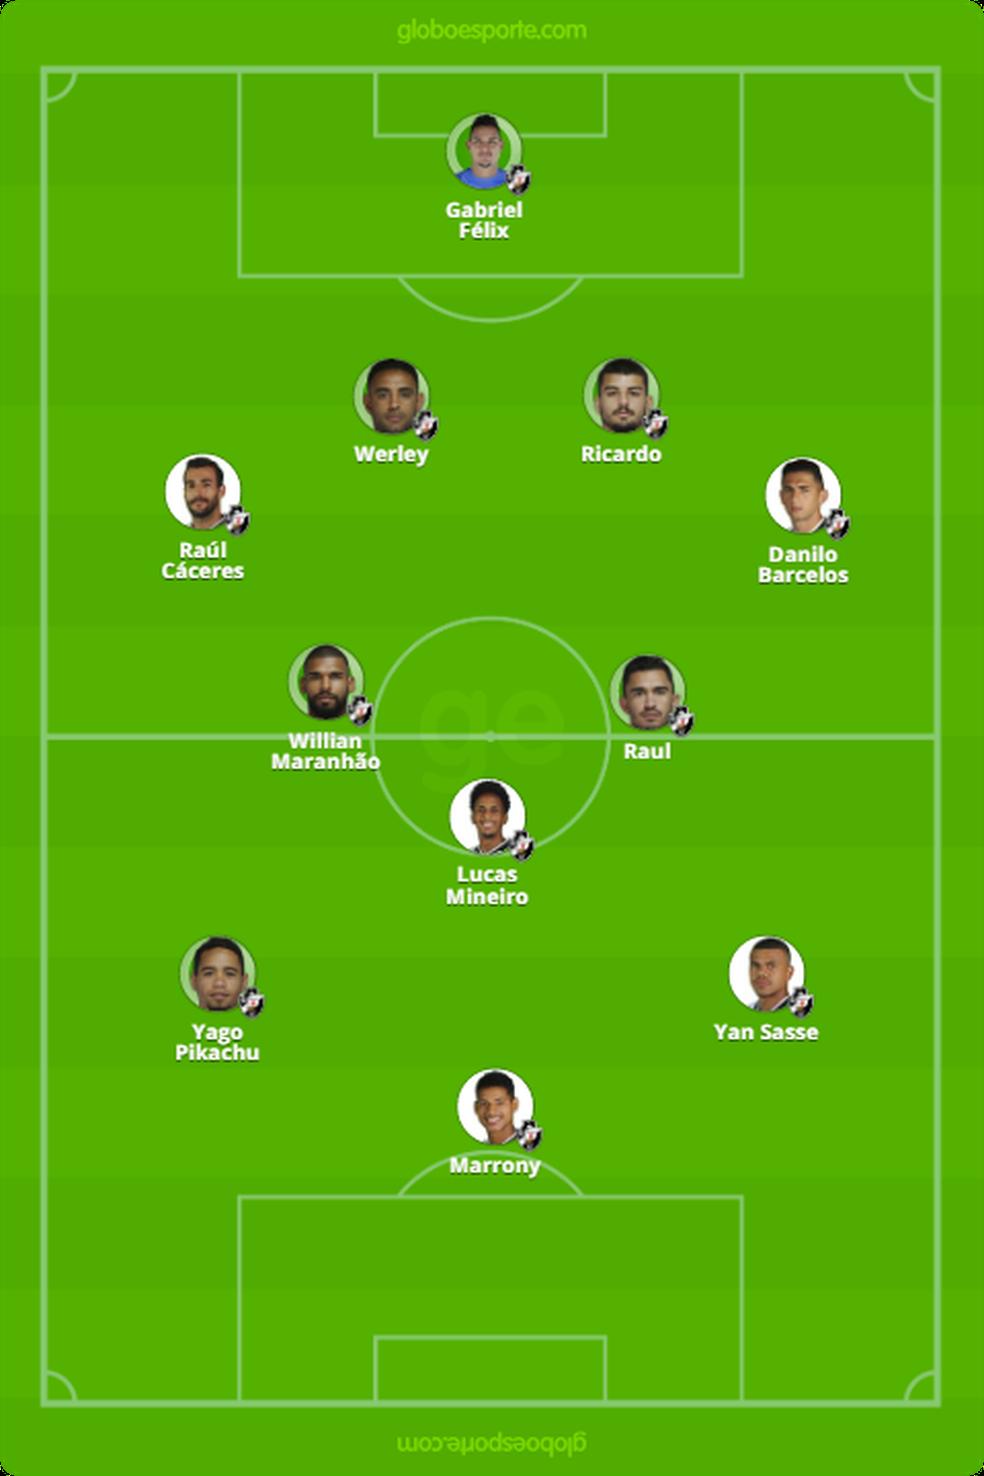 Provável escalação do Vasco para o jogo contra o Santos — Foto: GloboEsporte.com